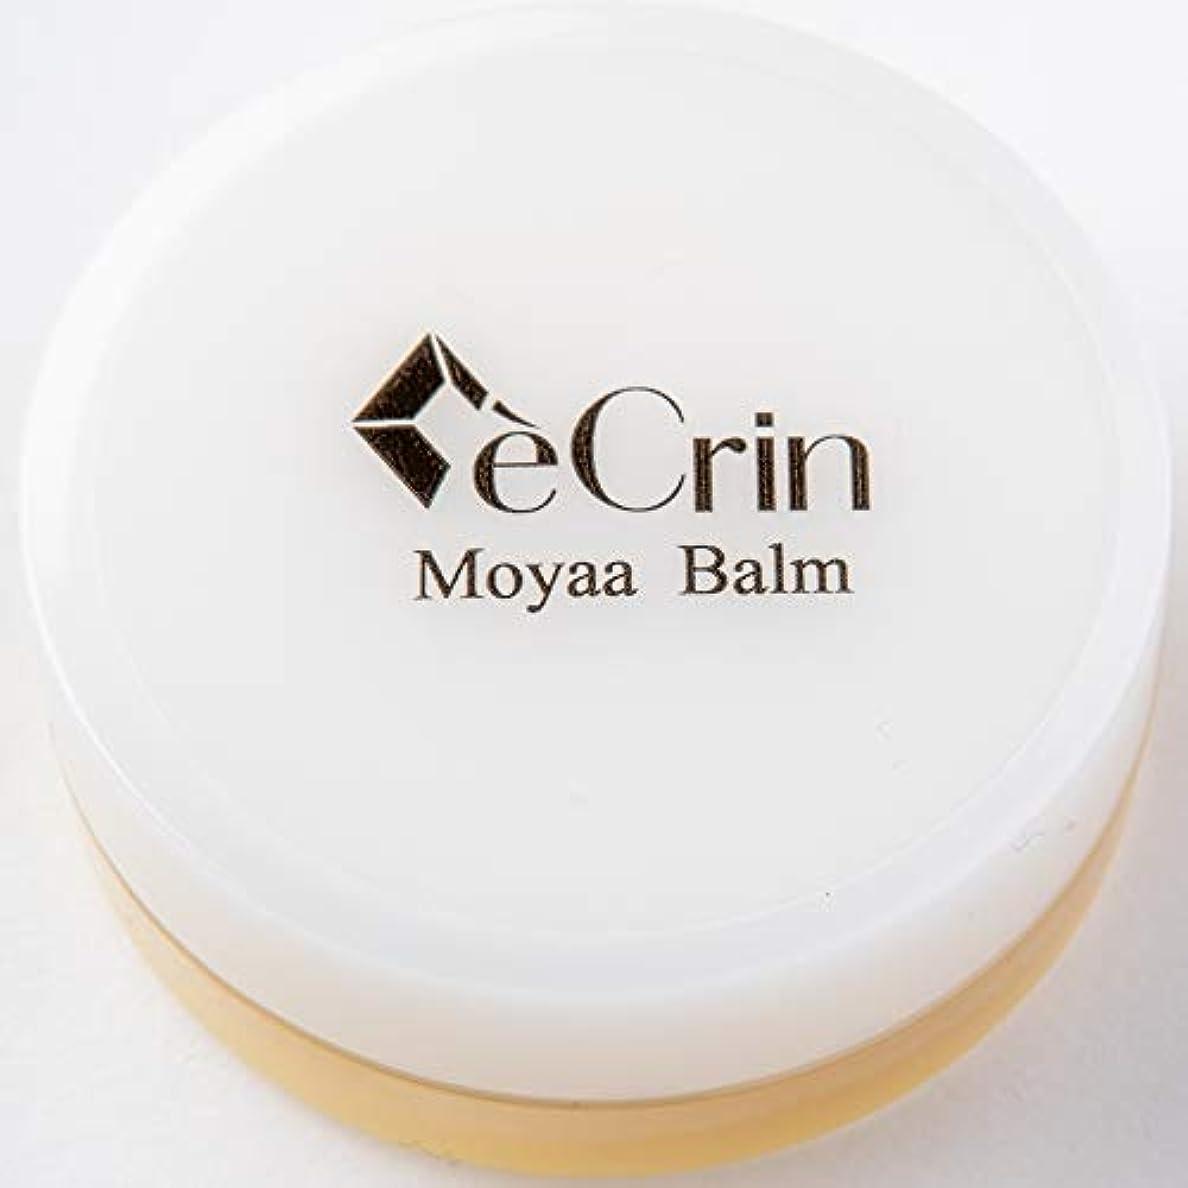 議題フレア圧倒するMoyaa Balm (モーヤバーム)天然成分のみで仕上げたシアバター white 無添加 天然成分100%